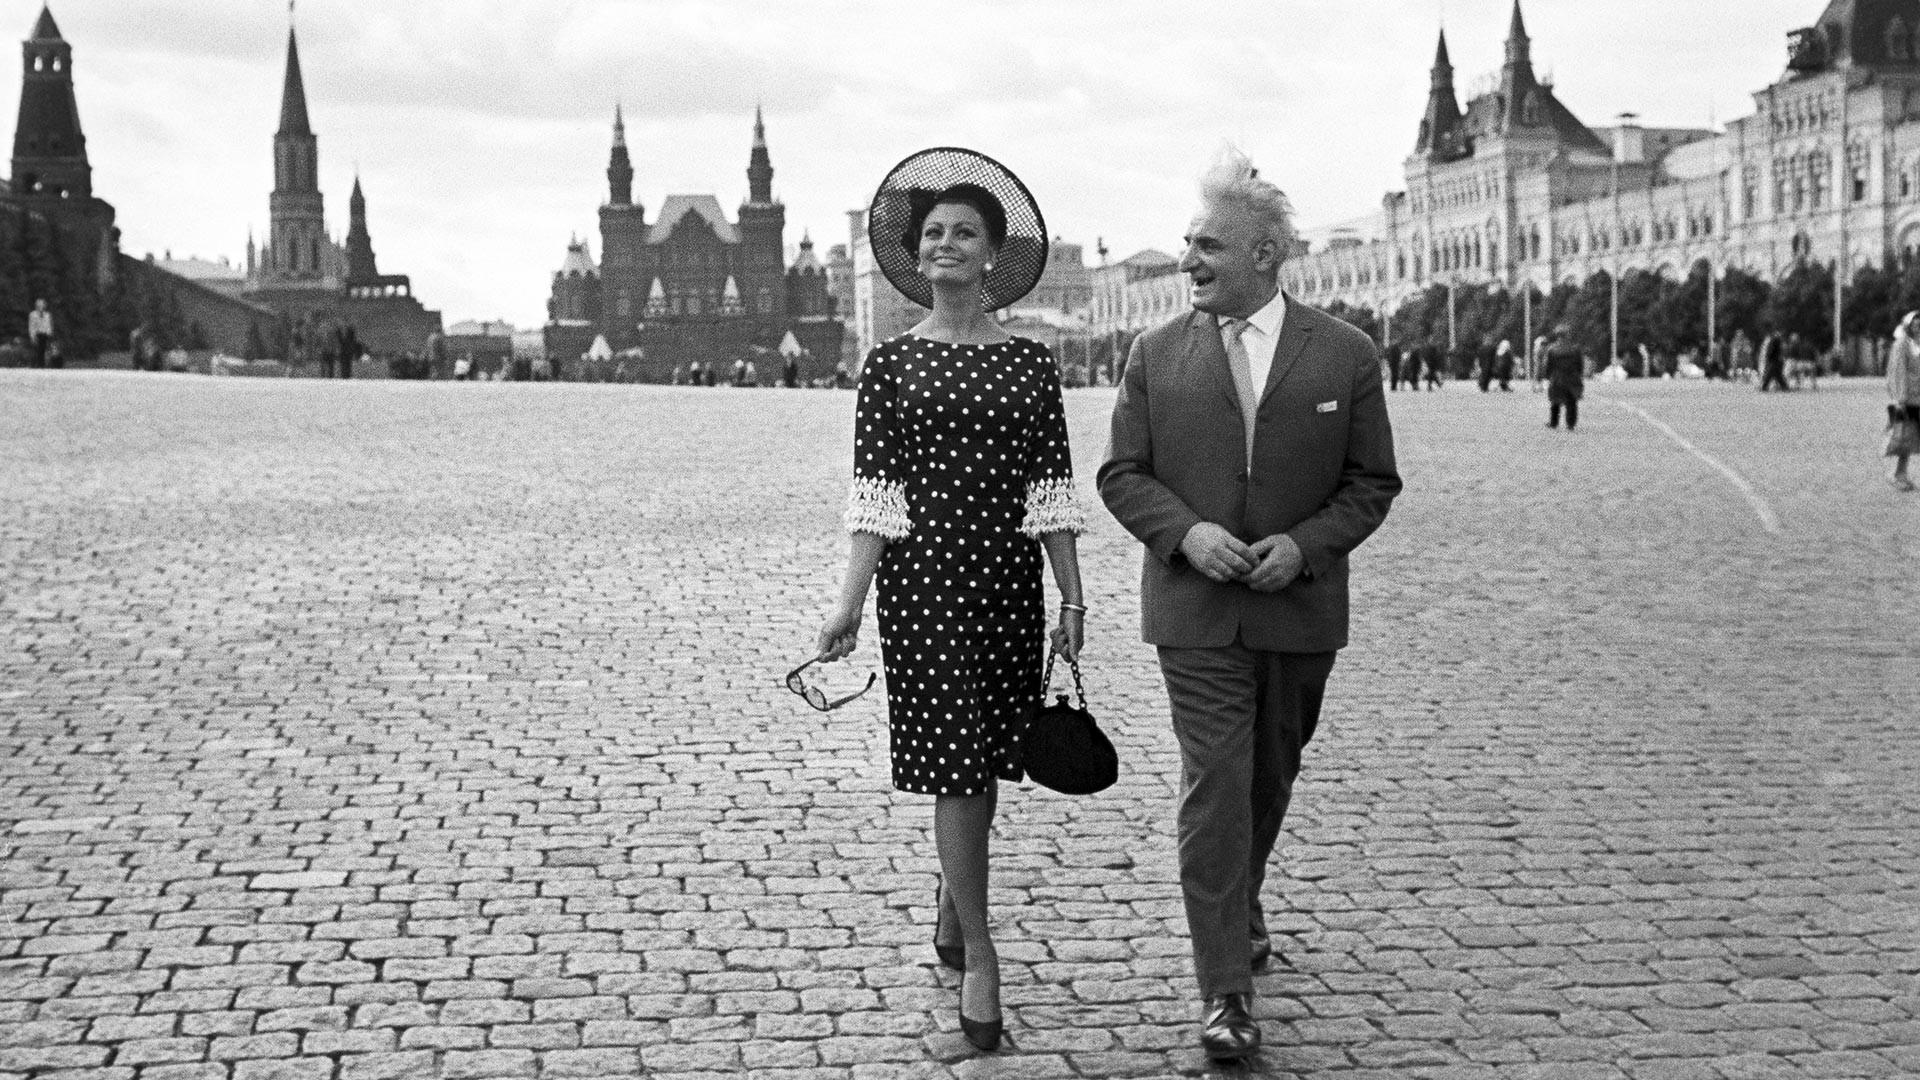 Sophia Loren et l'acteur soviétique Sergo Zakariadze sur la place Rouge